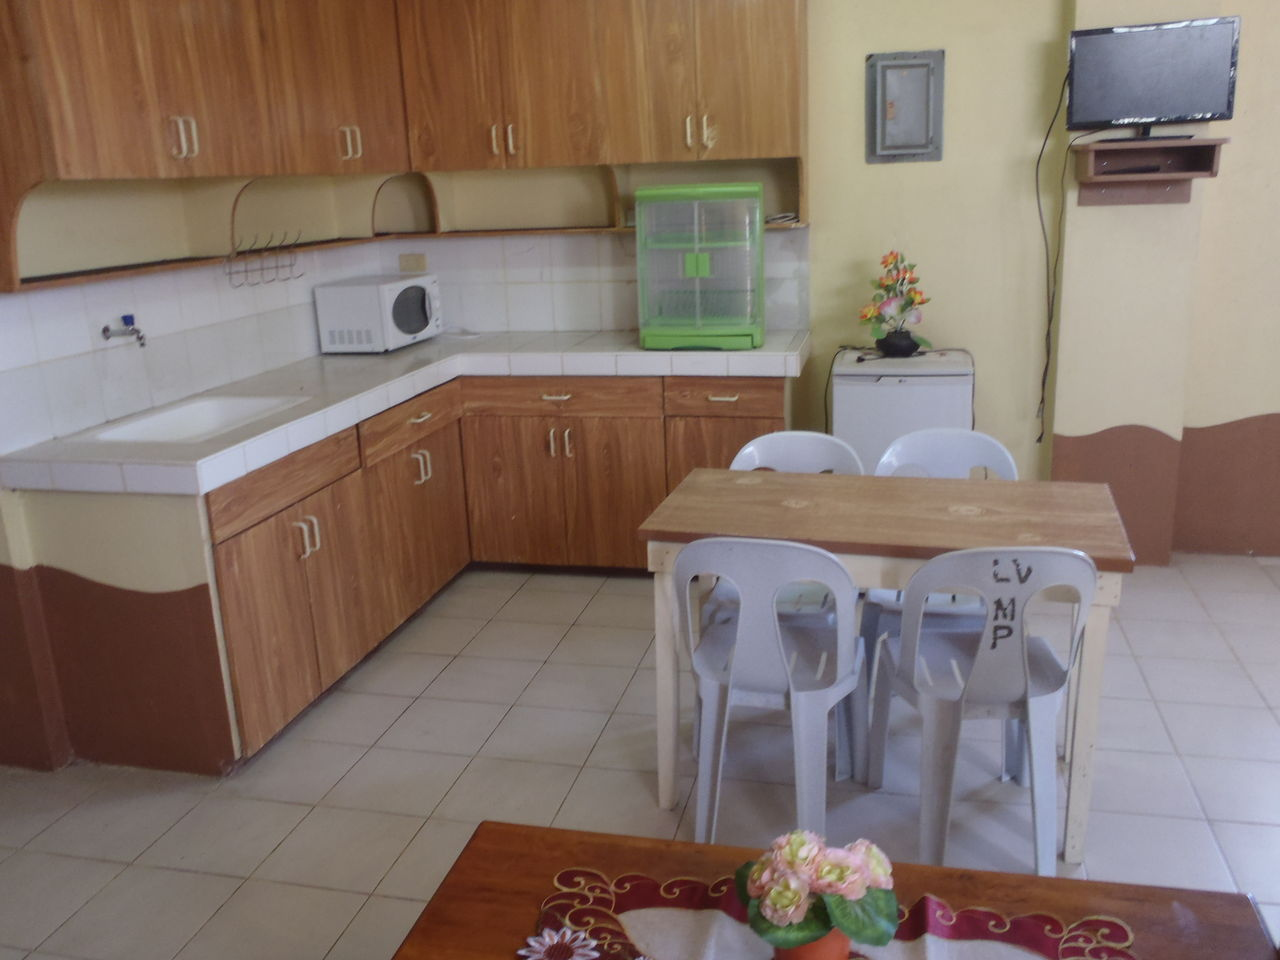 家族移住者、リタイア者向け月額15000ペソで広く、家具付きののアパート